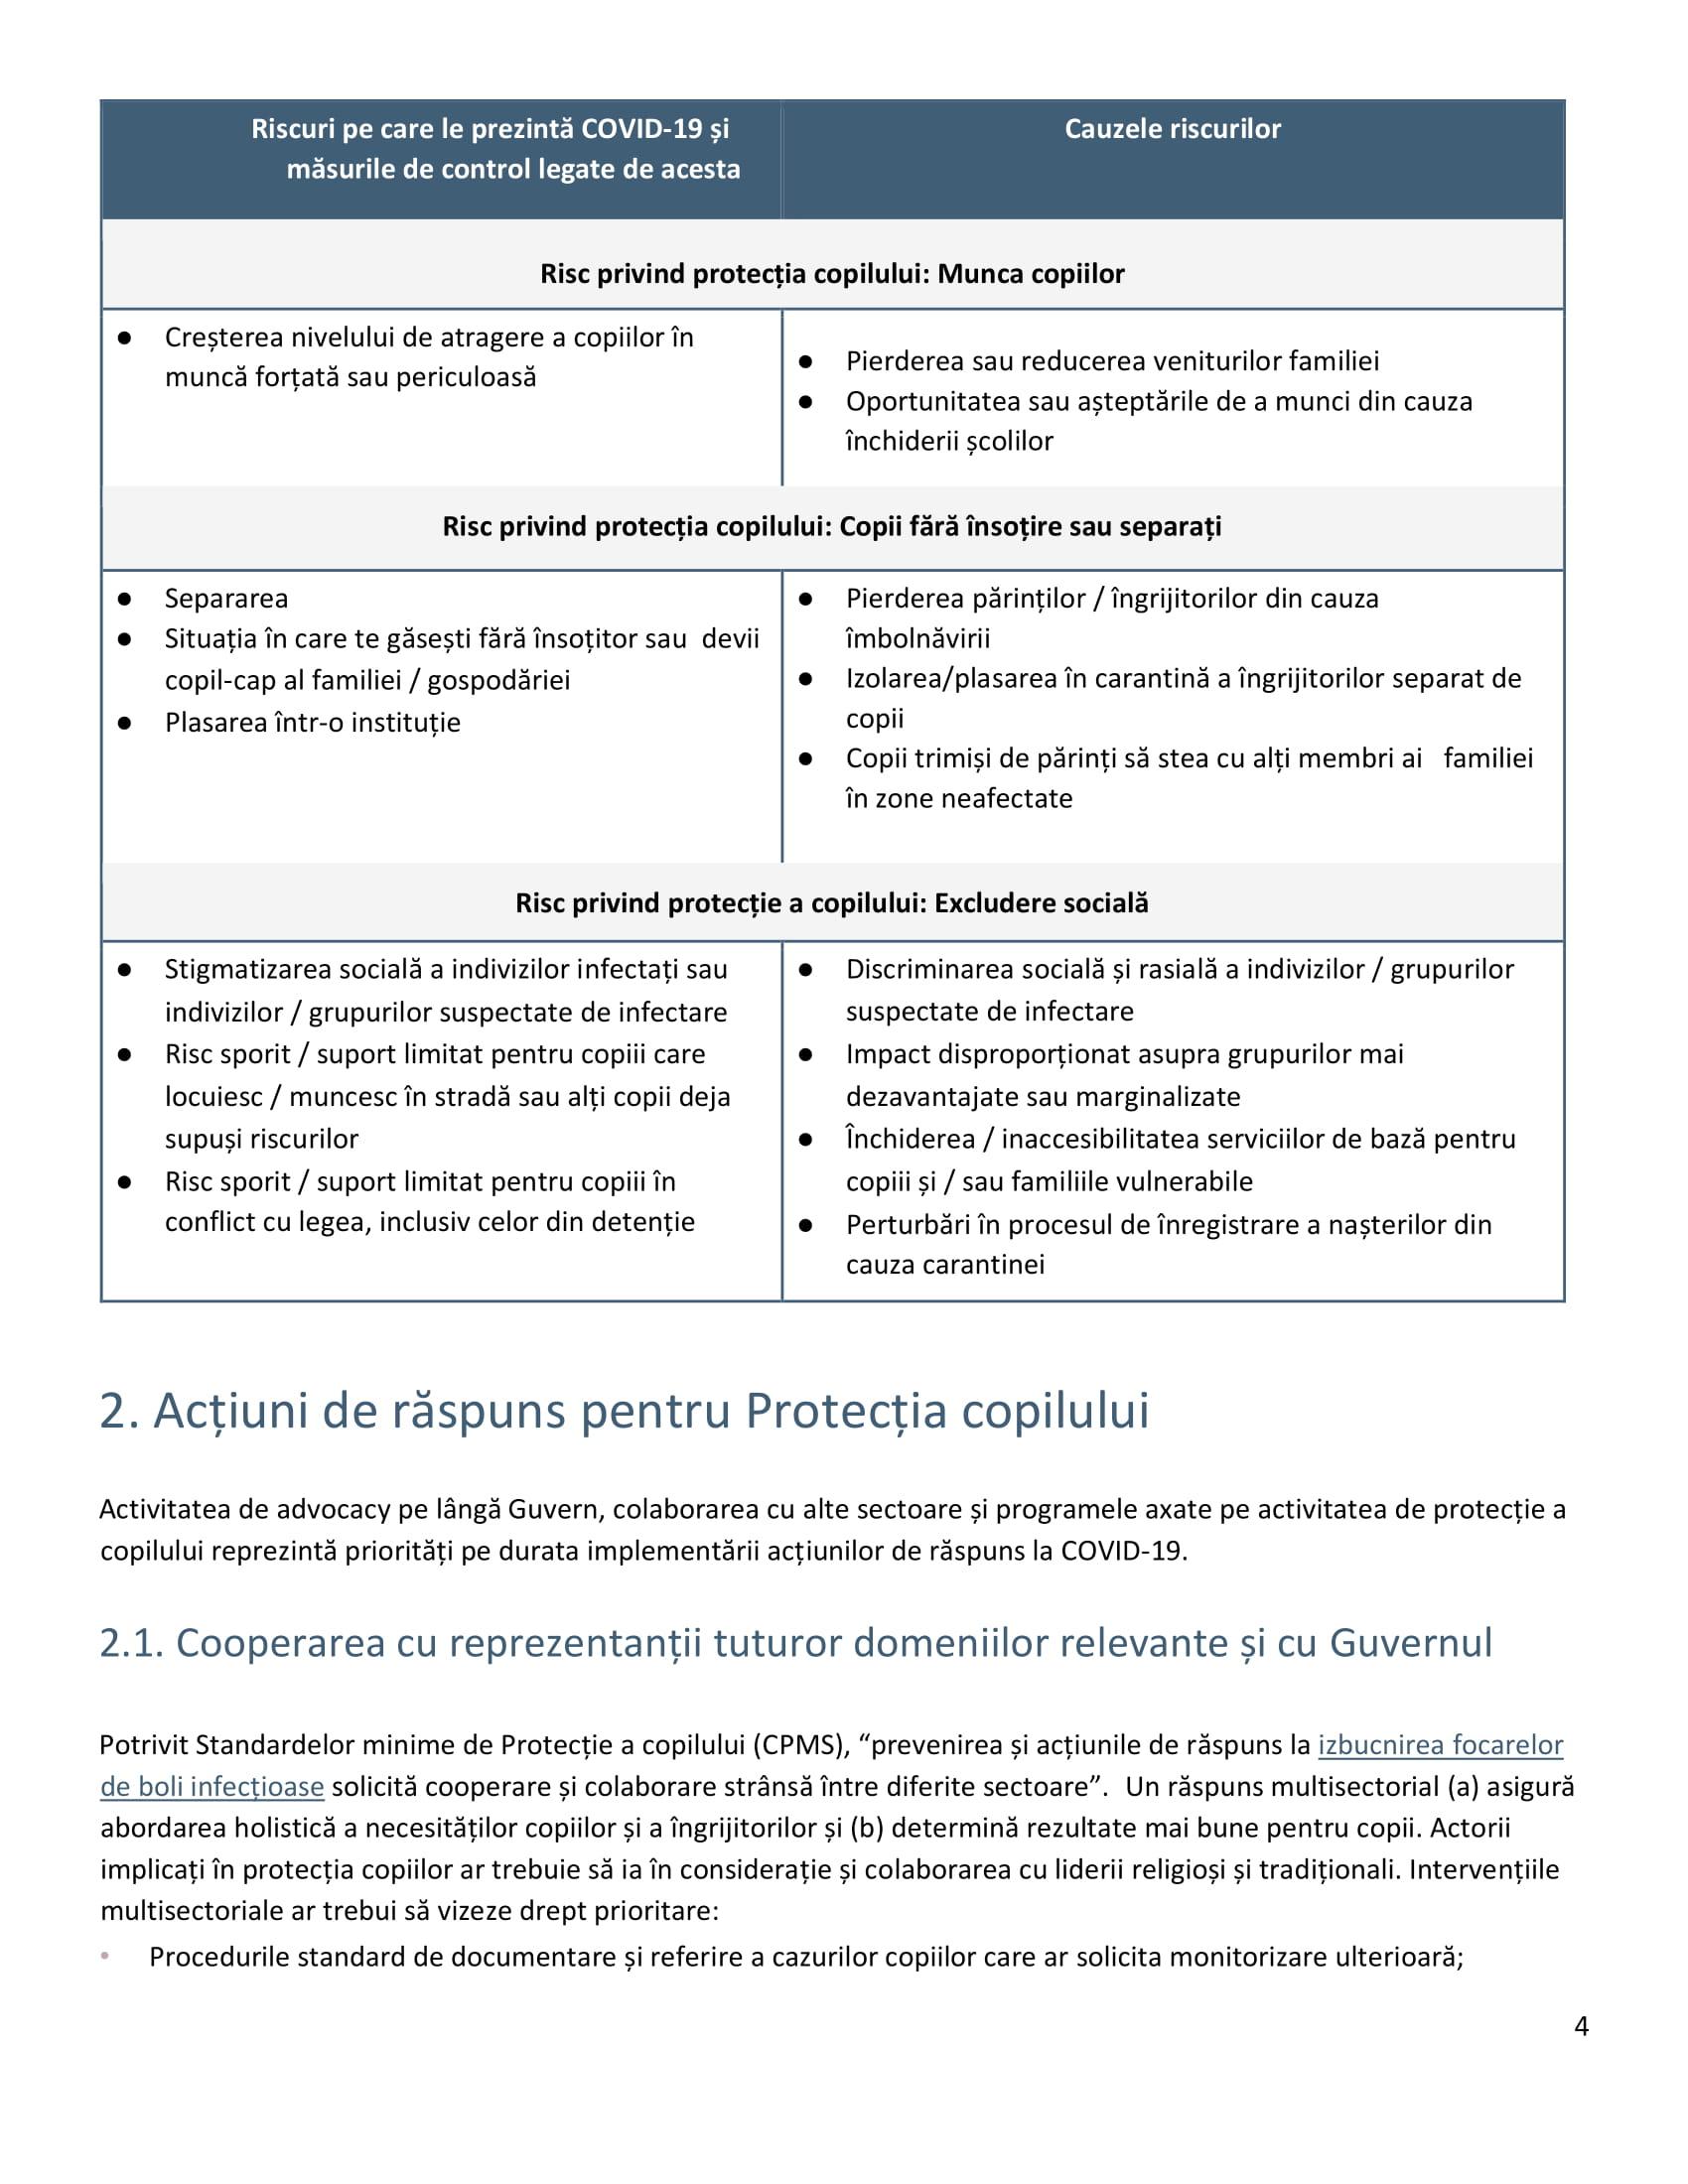 acpha_ghidari_protectia_copilului_covid_19-4